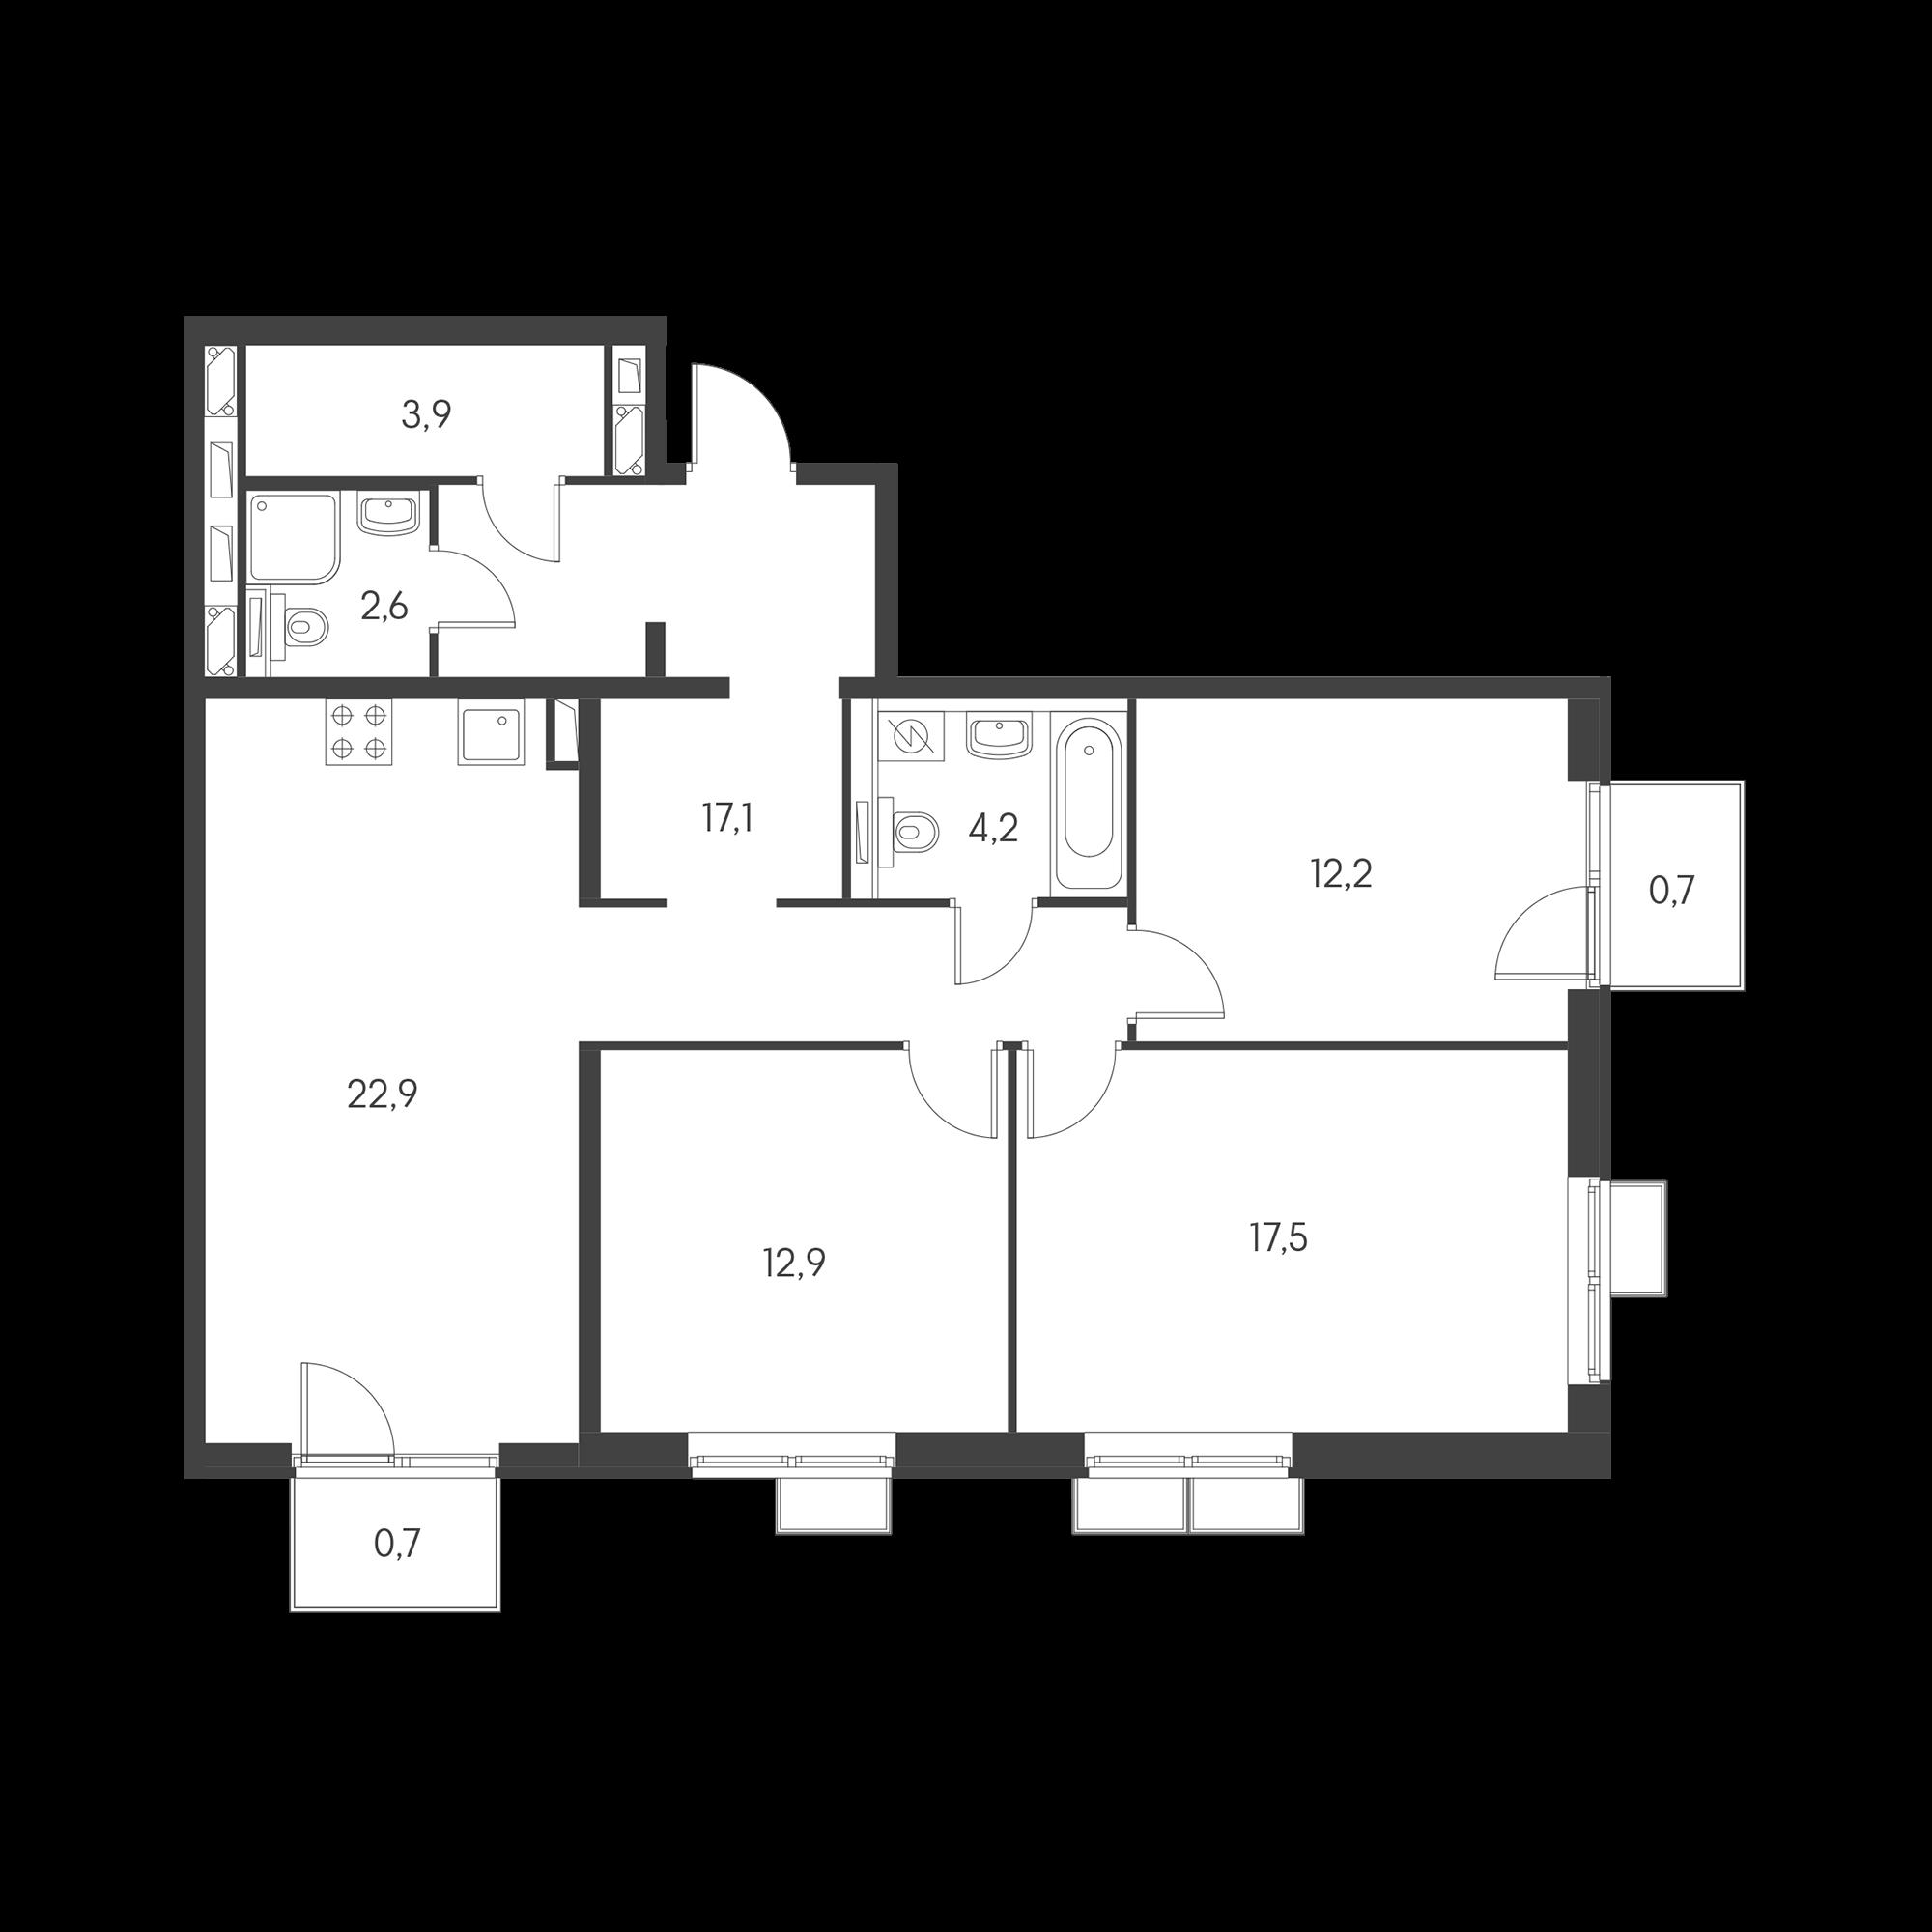 3EL23_10.5-B